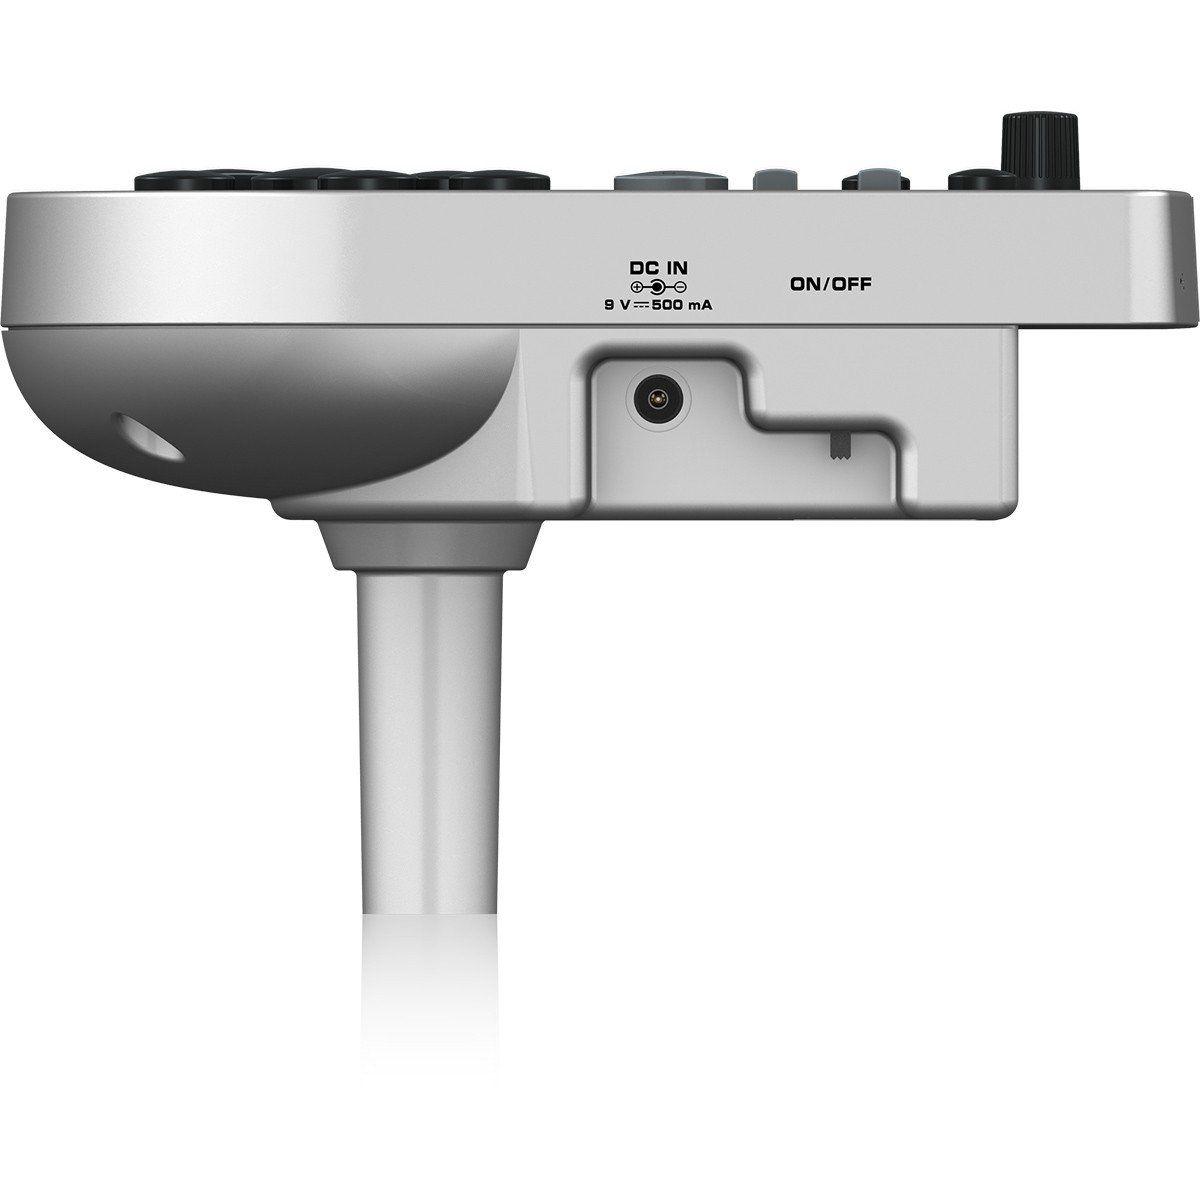 Behringer XD8 Bateria Eletrônica Usb para Bateristas Iniciantes